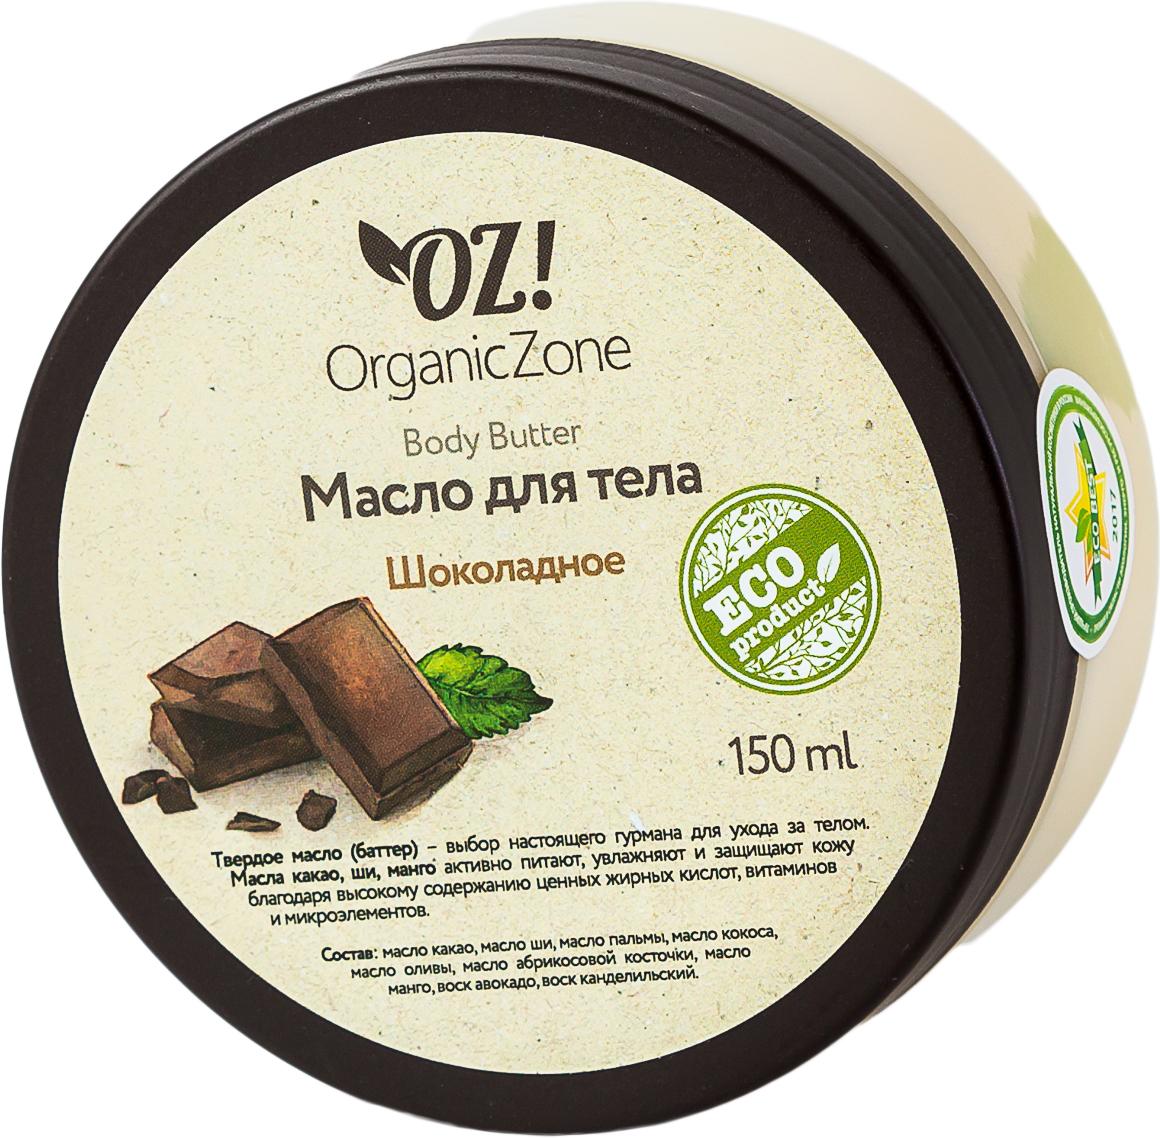 OrganicZone Баттер для тела Шоколадный, 150 мл4665301124563Твердое масло (баттер) - выбор настоящего гурмана для ухода за телом. Масла какао, ши, манго активно питают, увлажняют и защищают кожу благодаря высокому содержанию ценных жирных кислот, витаминов и микроэлементов.